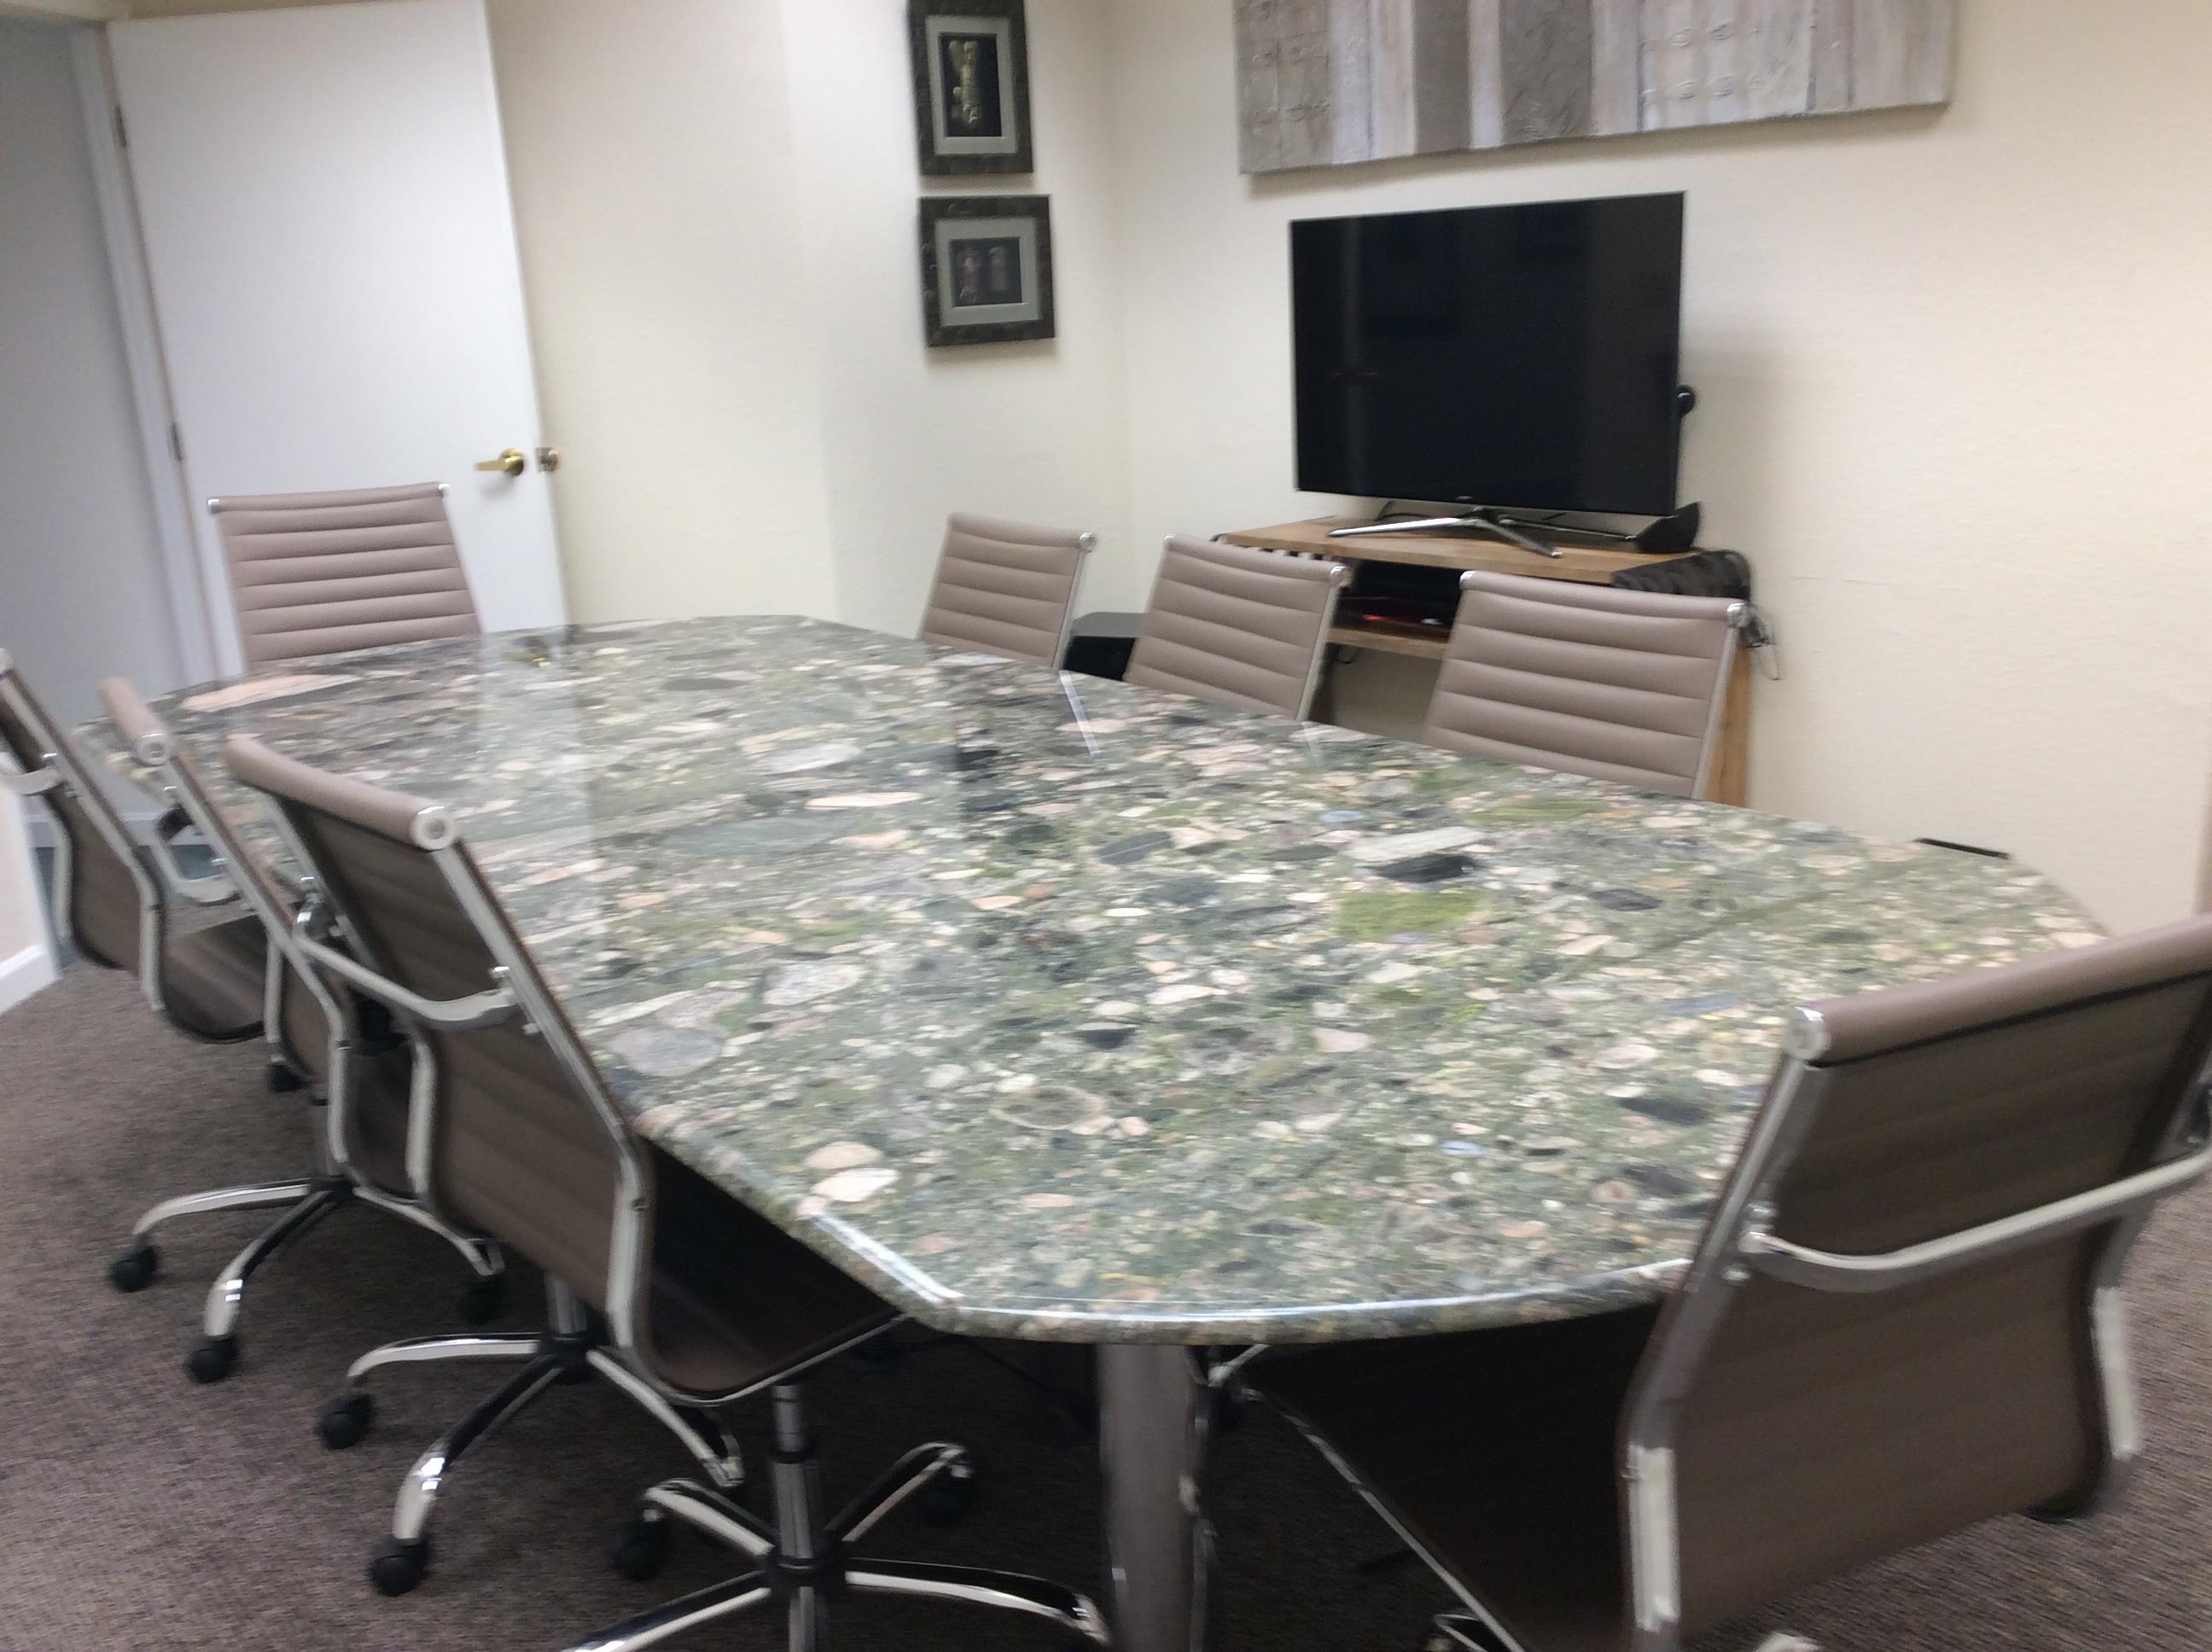 Fraulob Brown - Meeting Room 1